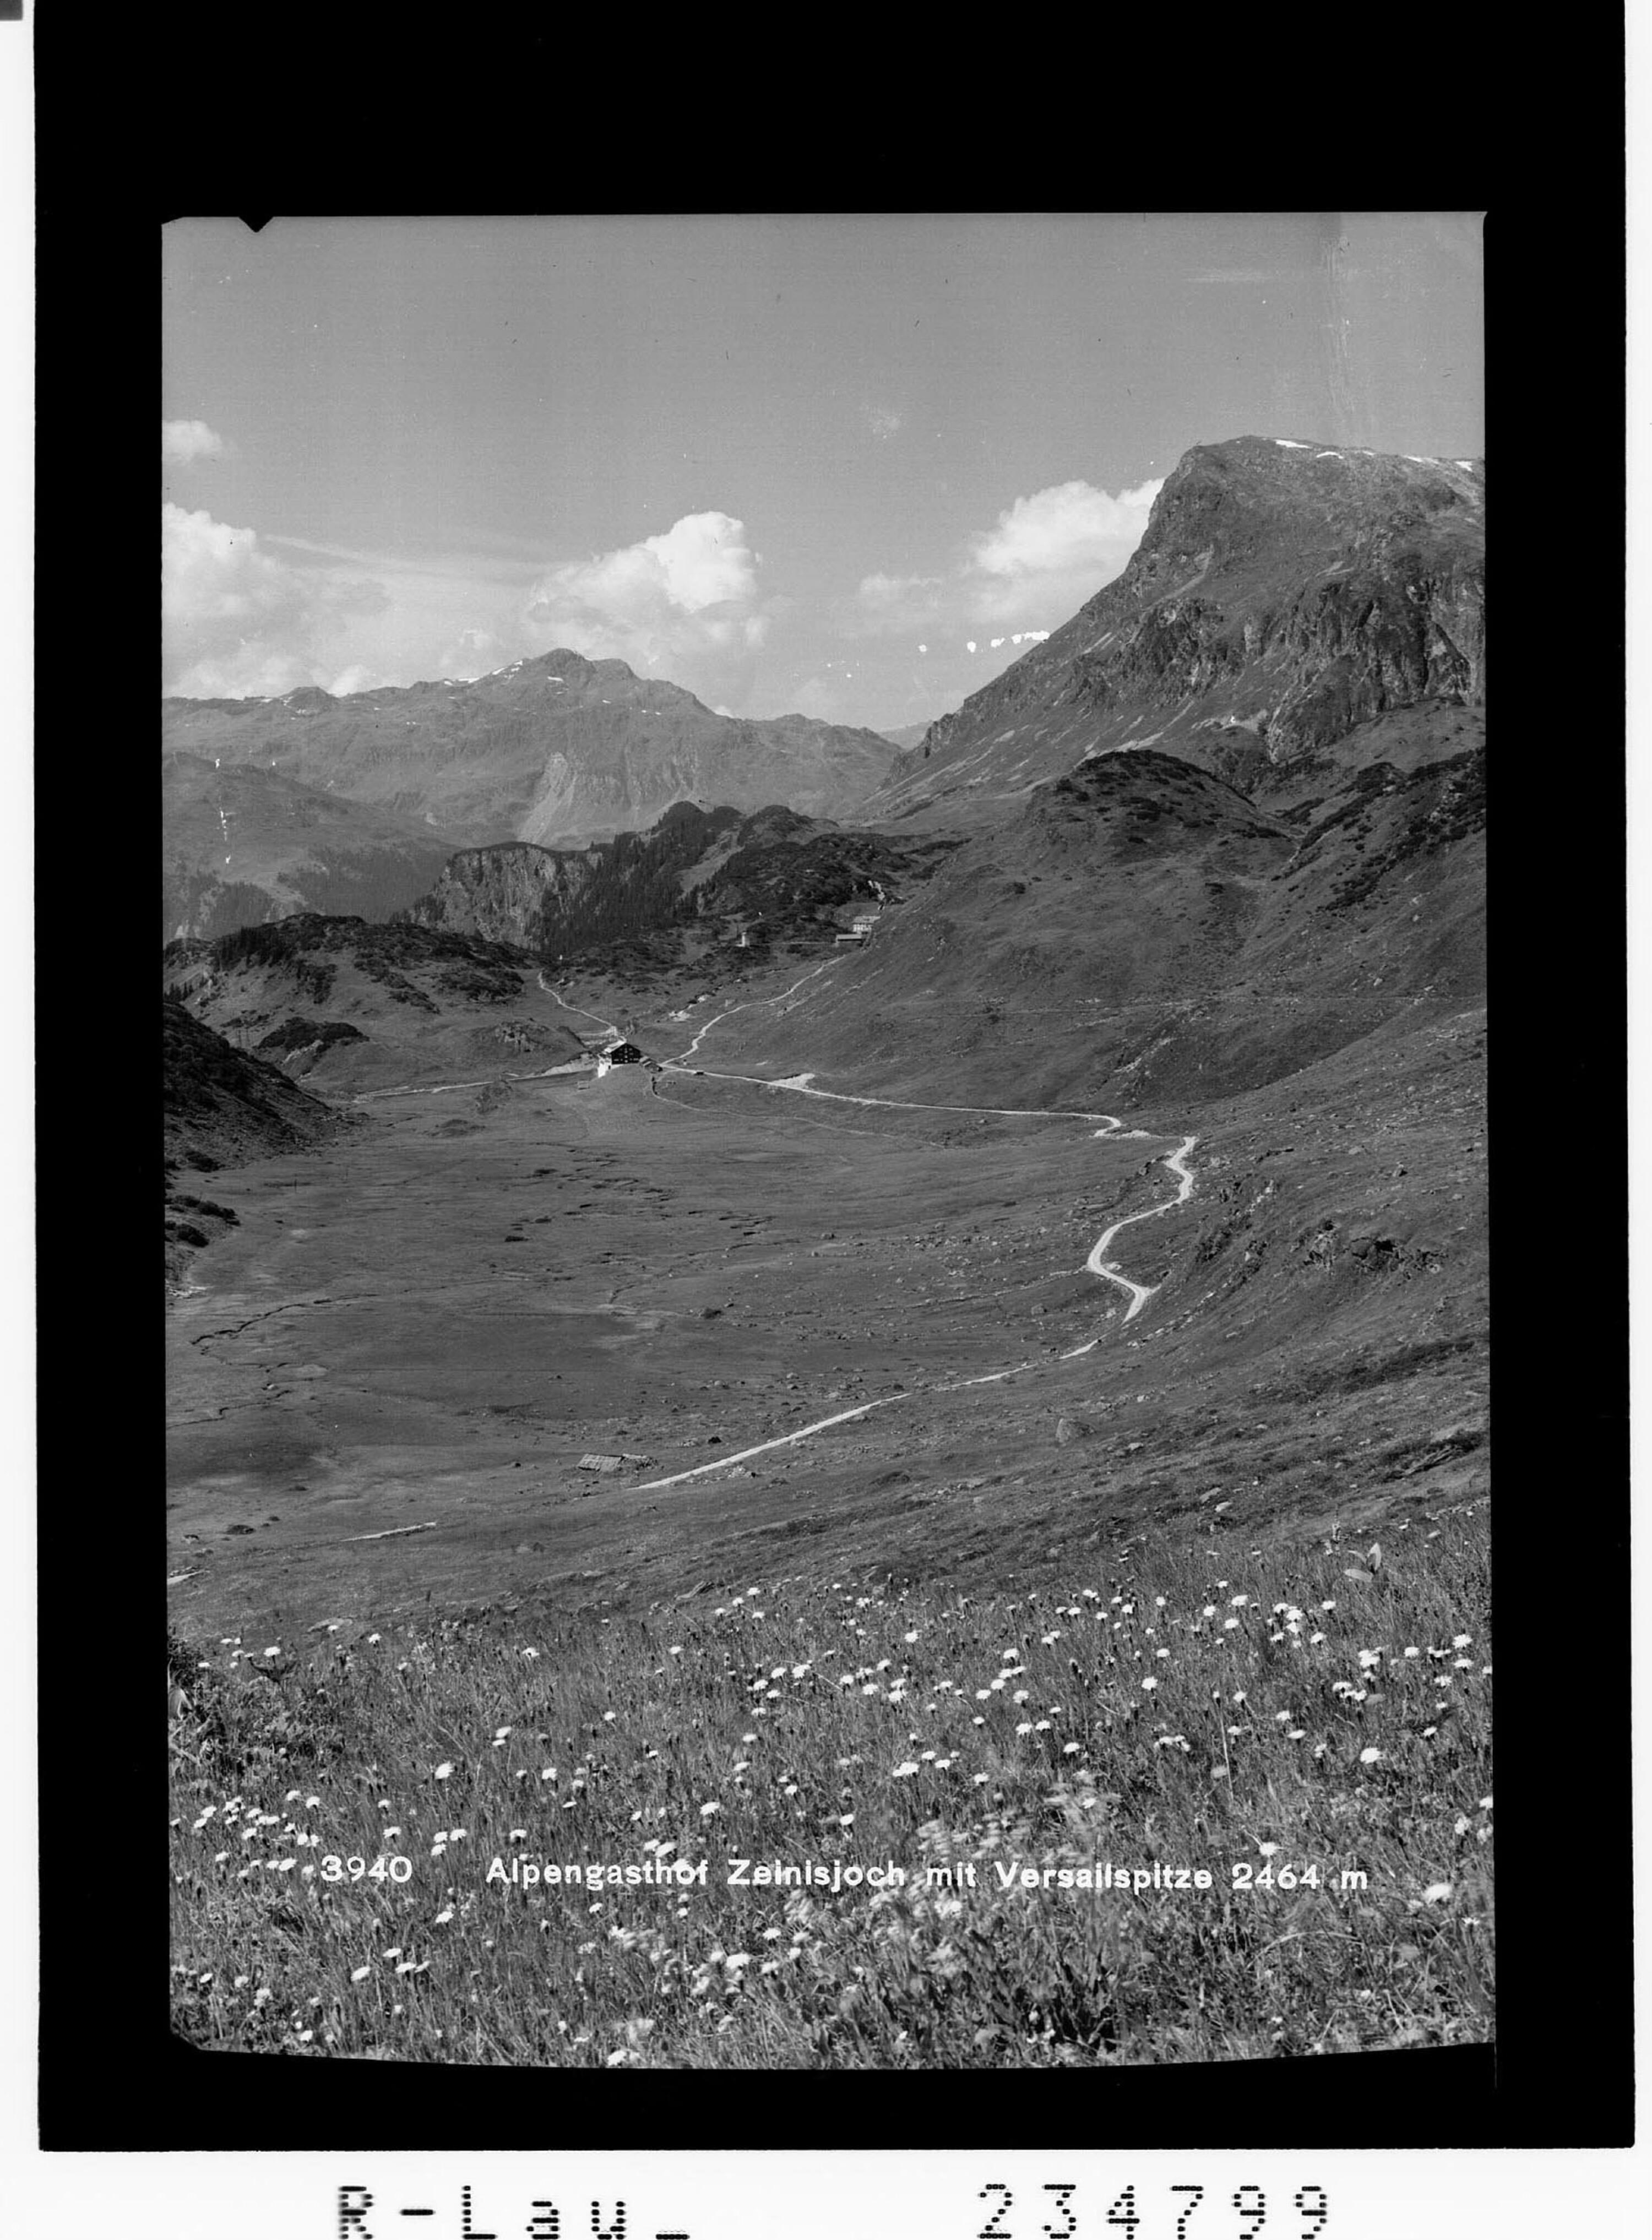 Alpengasthof Zeinisjoch mit Versailspitze 2464 m von Rhomberg